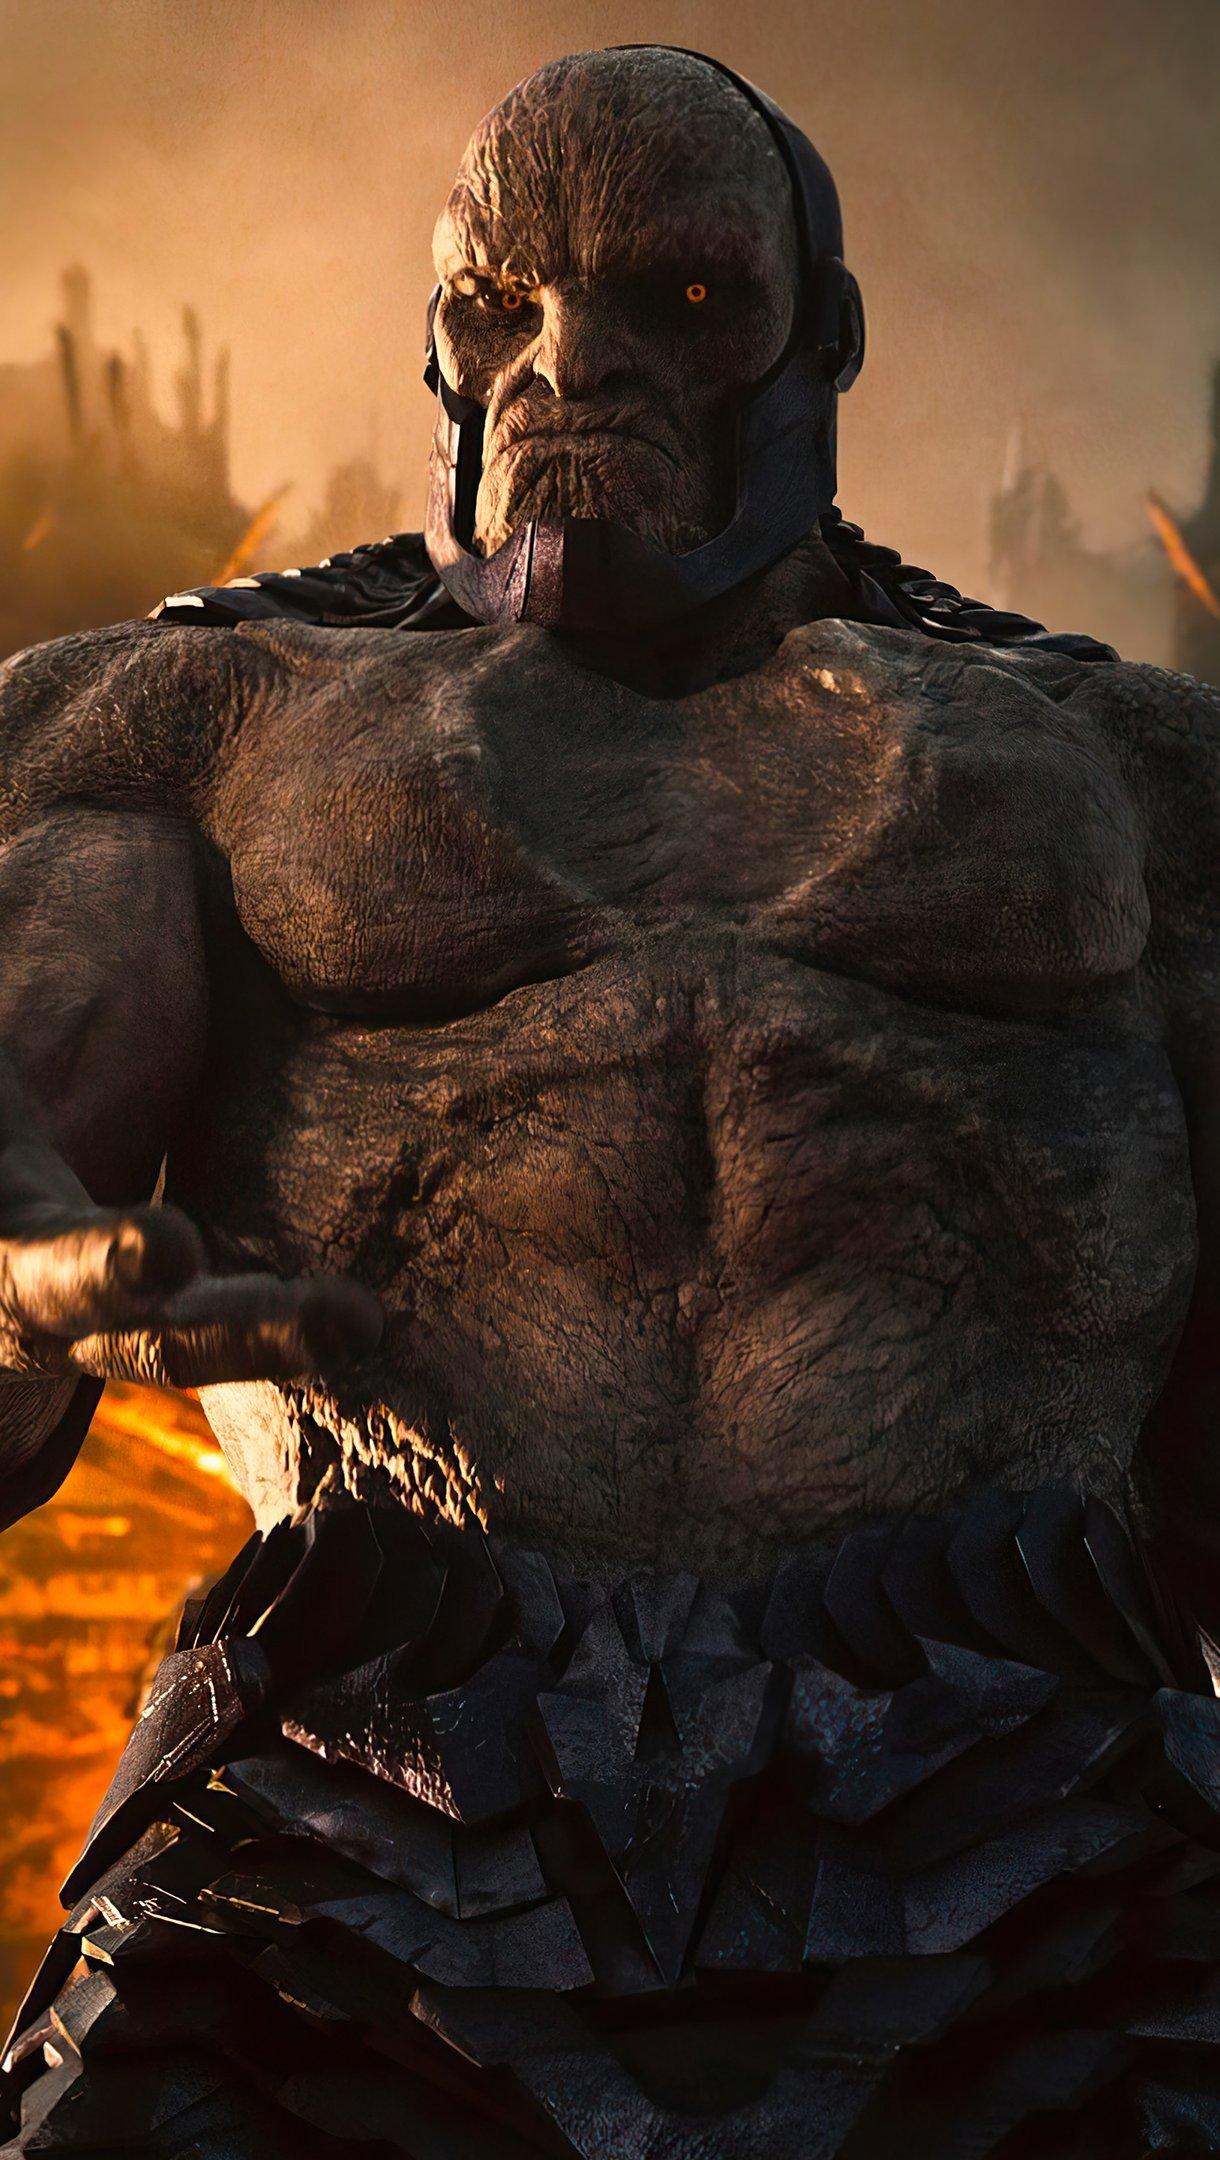 Fondos de pantalla Darkseid Liga de la justicia 2021 Snyder's cut Vertical